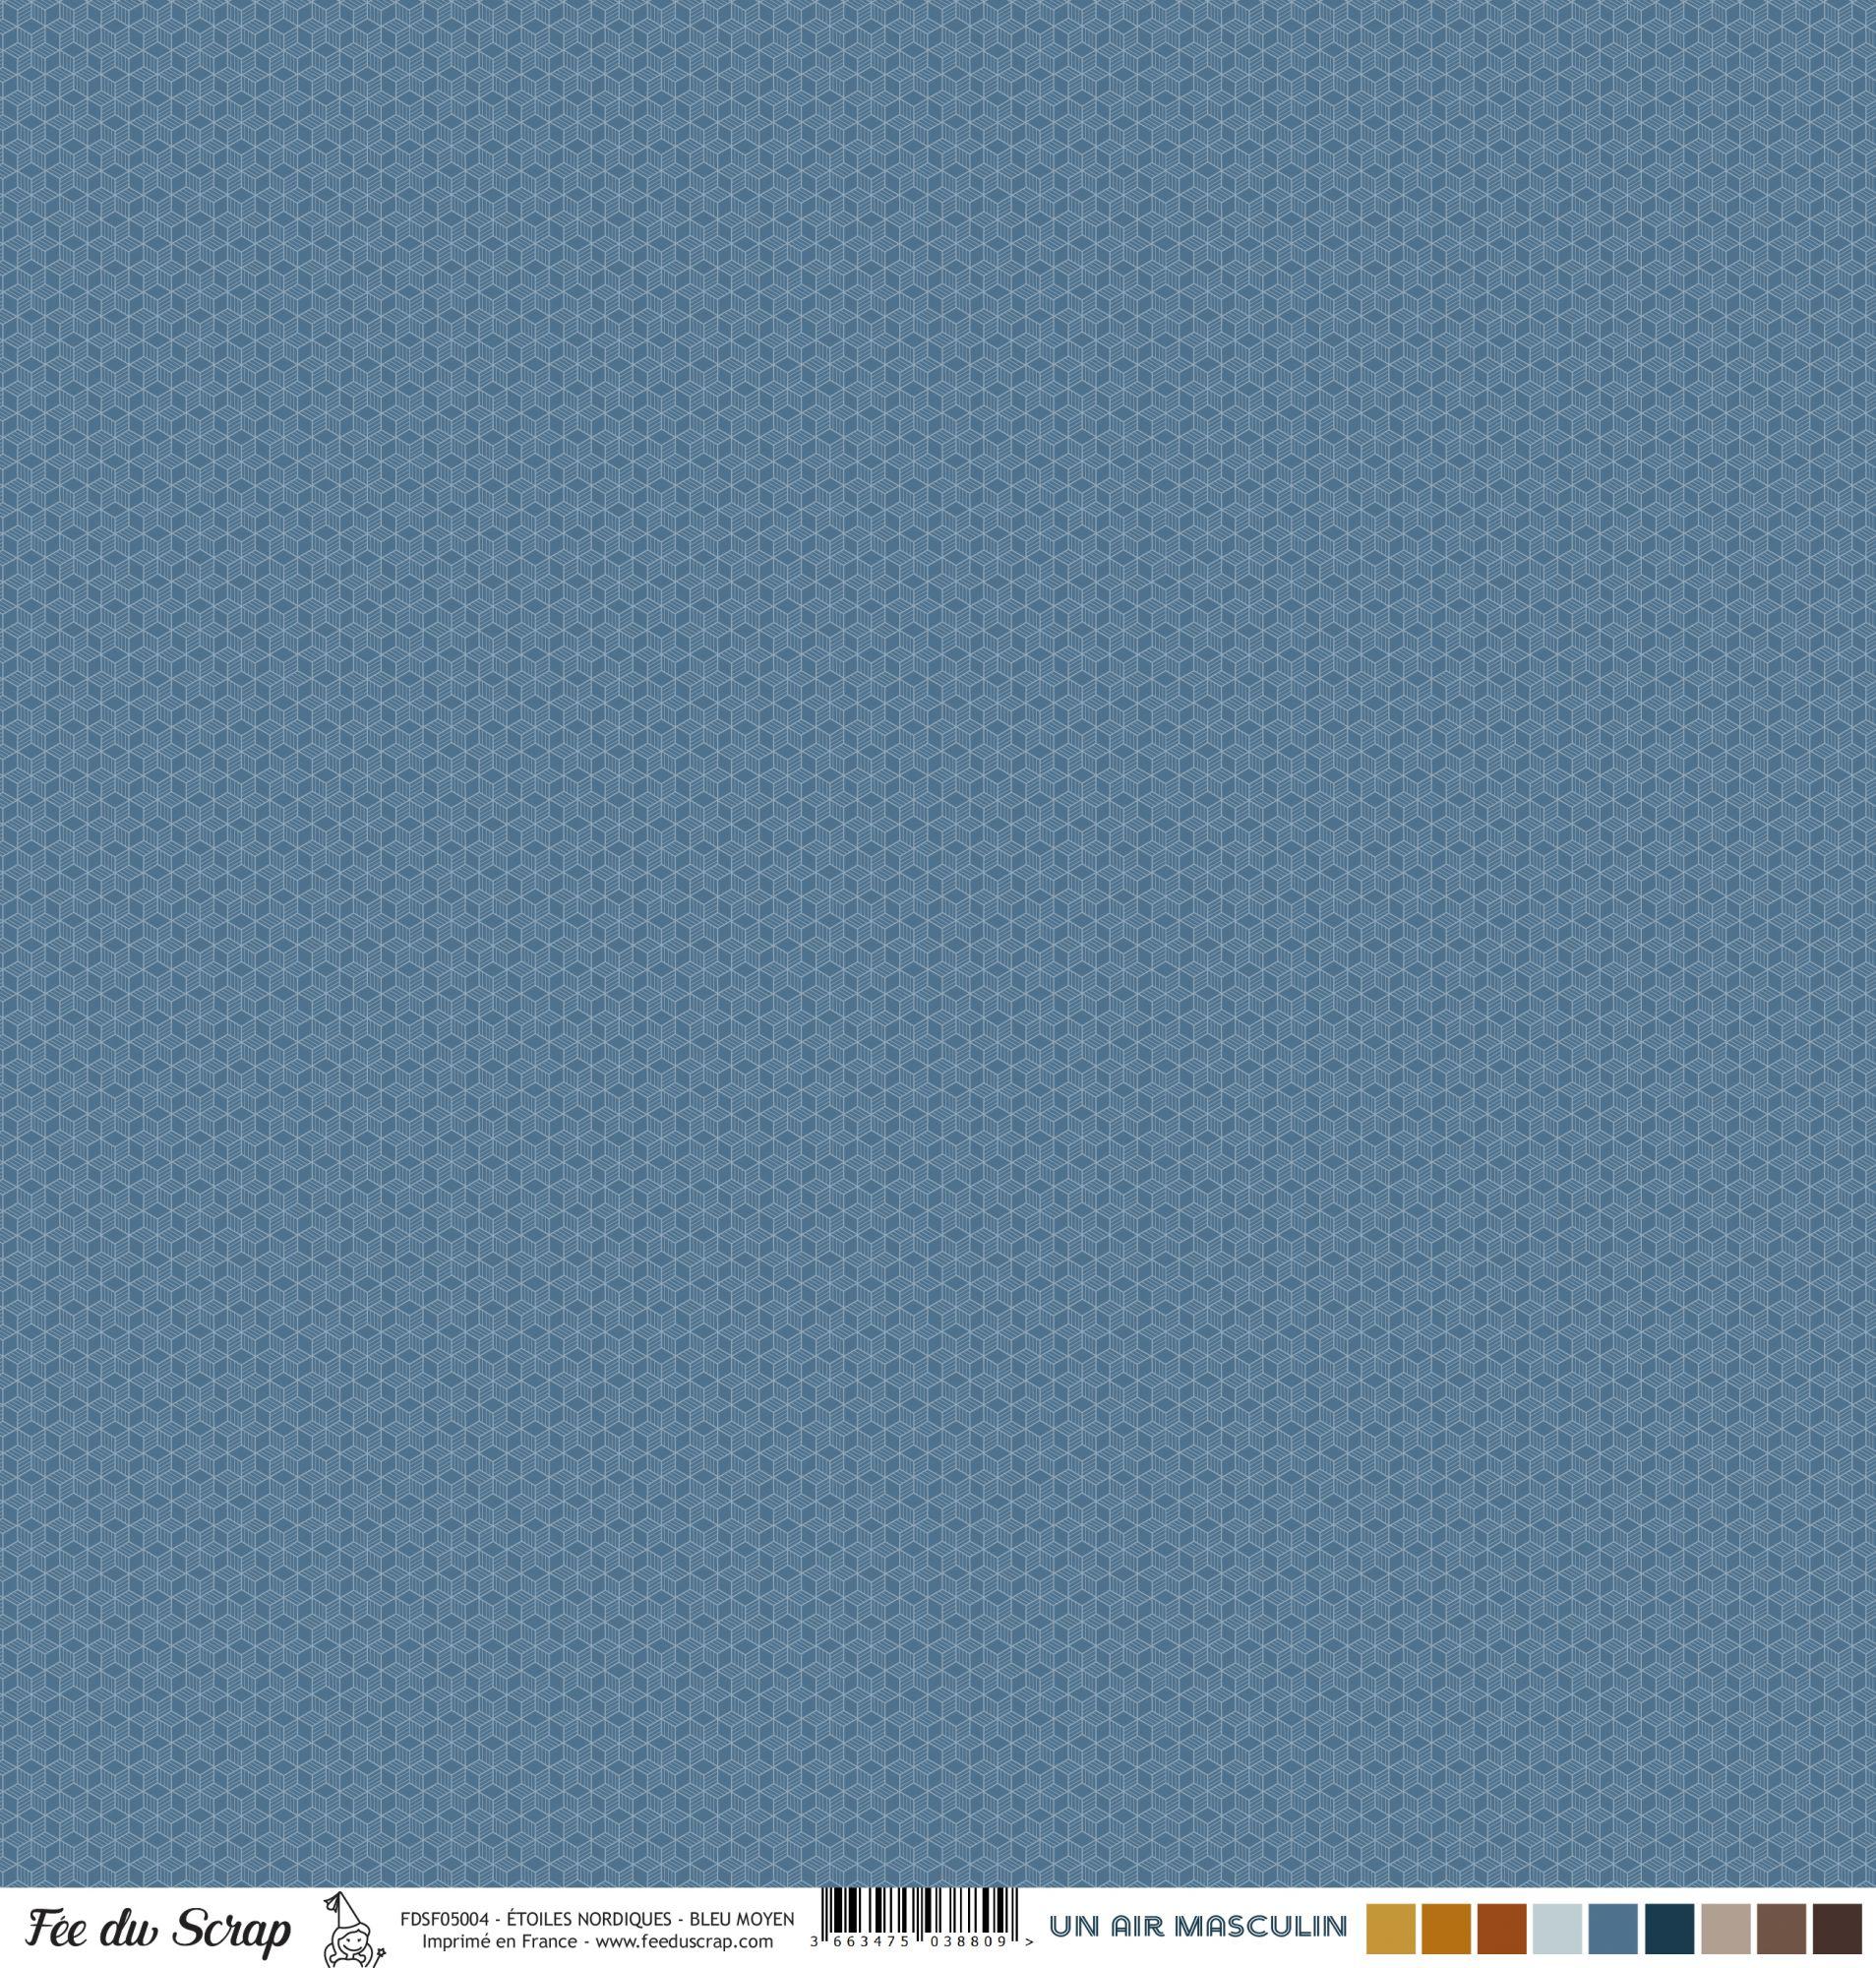 Feuille un air masculin - Etoiles nordiques - Bleu moyen